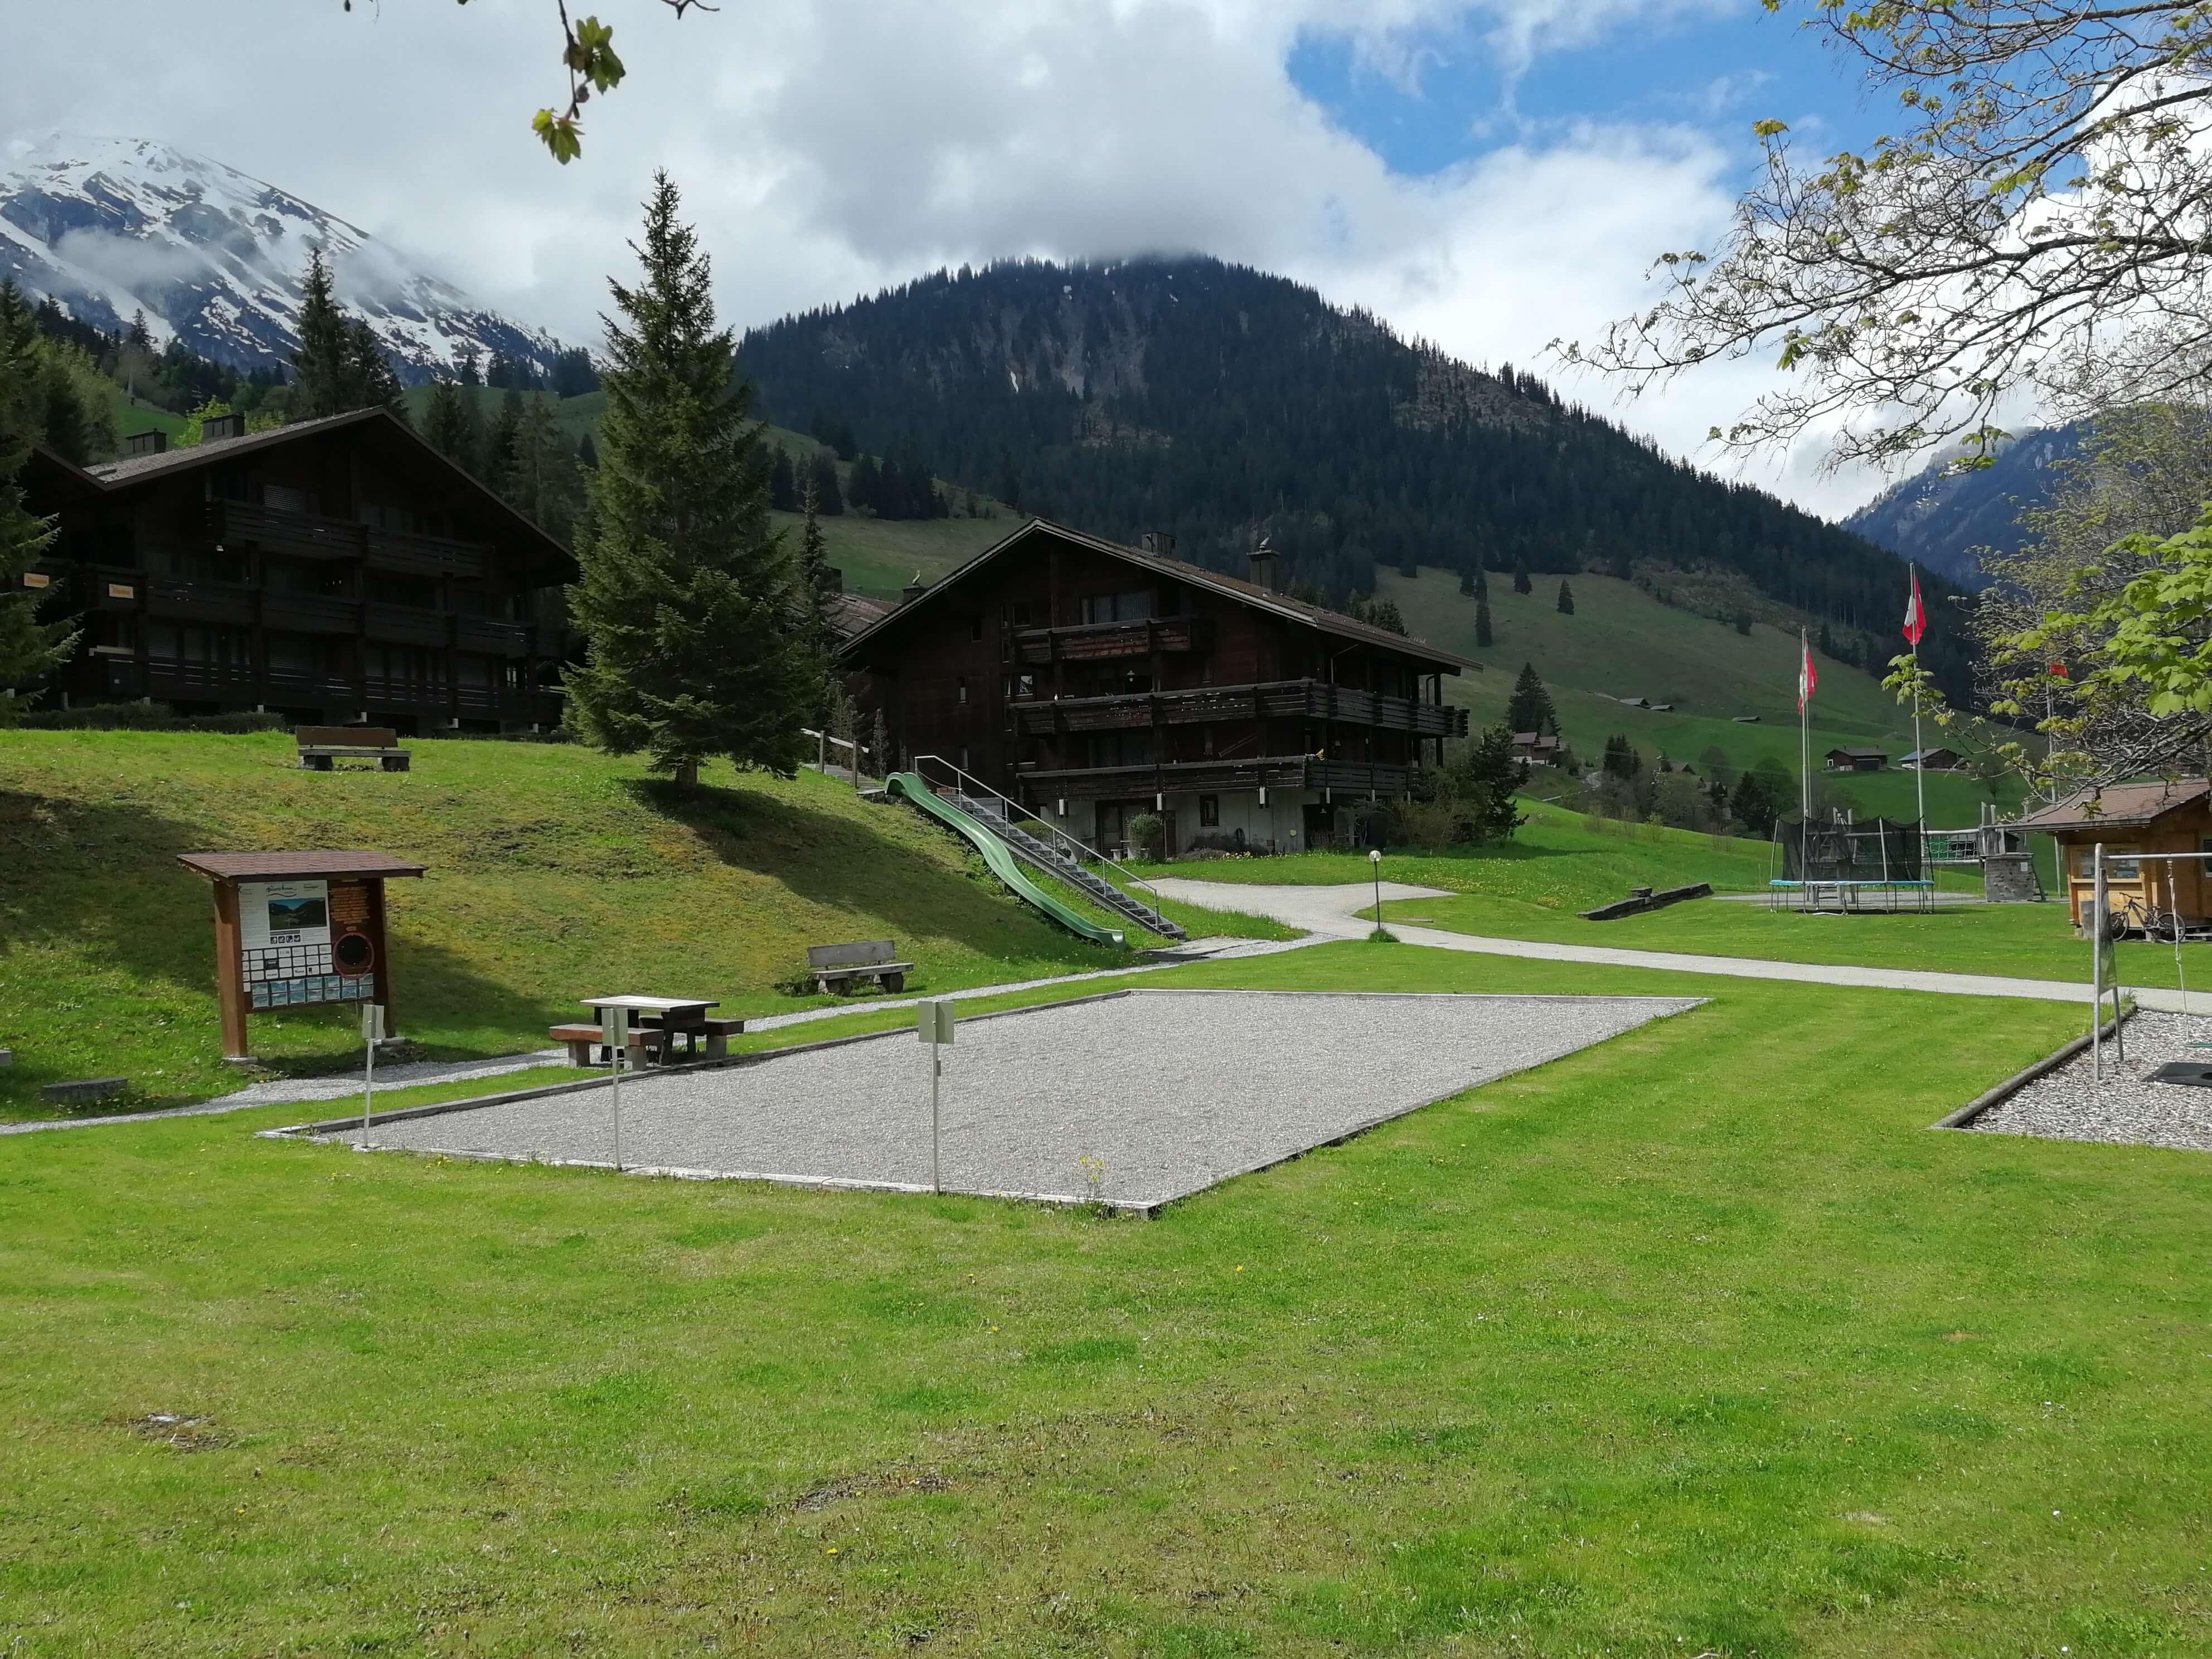 Umschwung Ferienzentrum